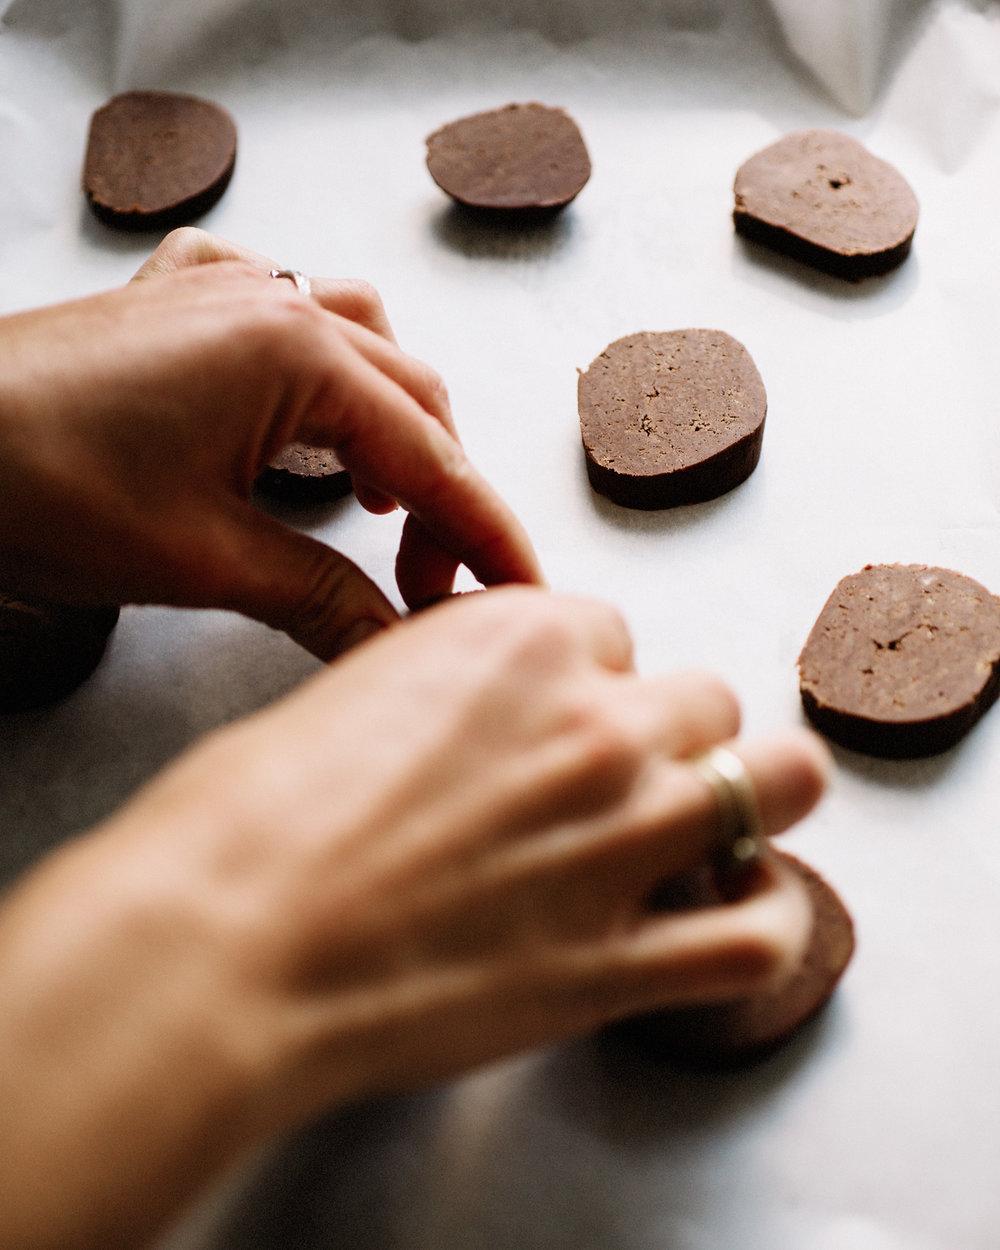 chocoloate_peppermint_cookies_02.jpg